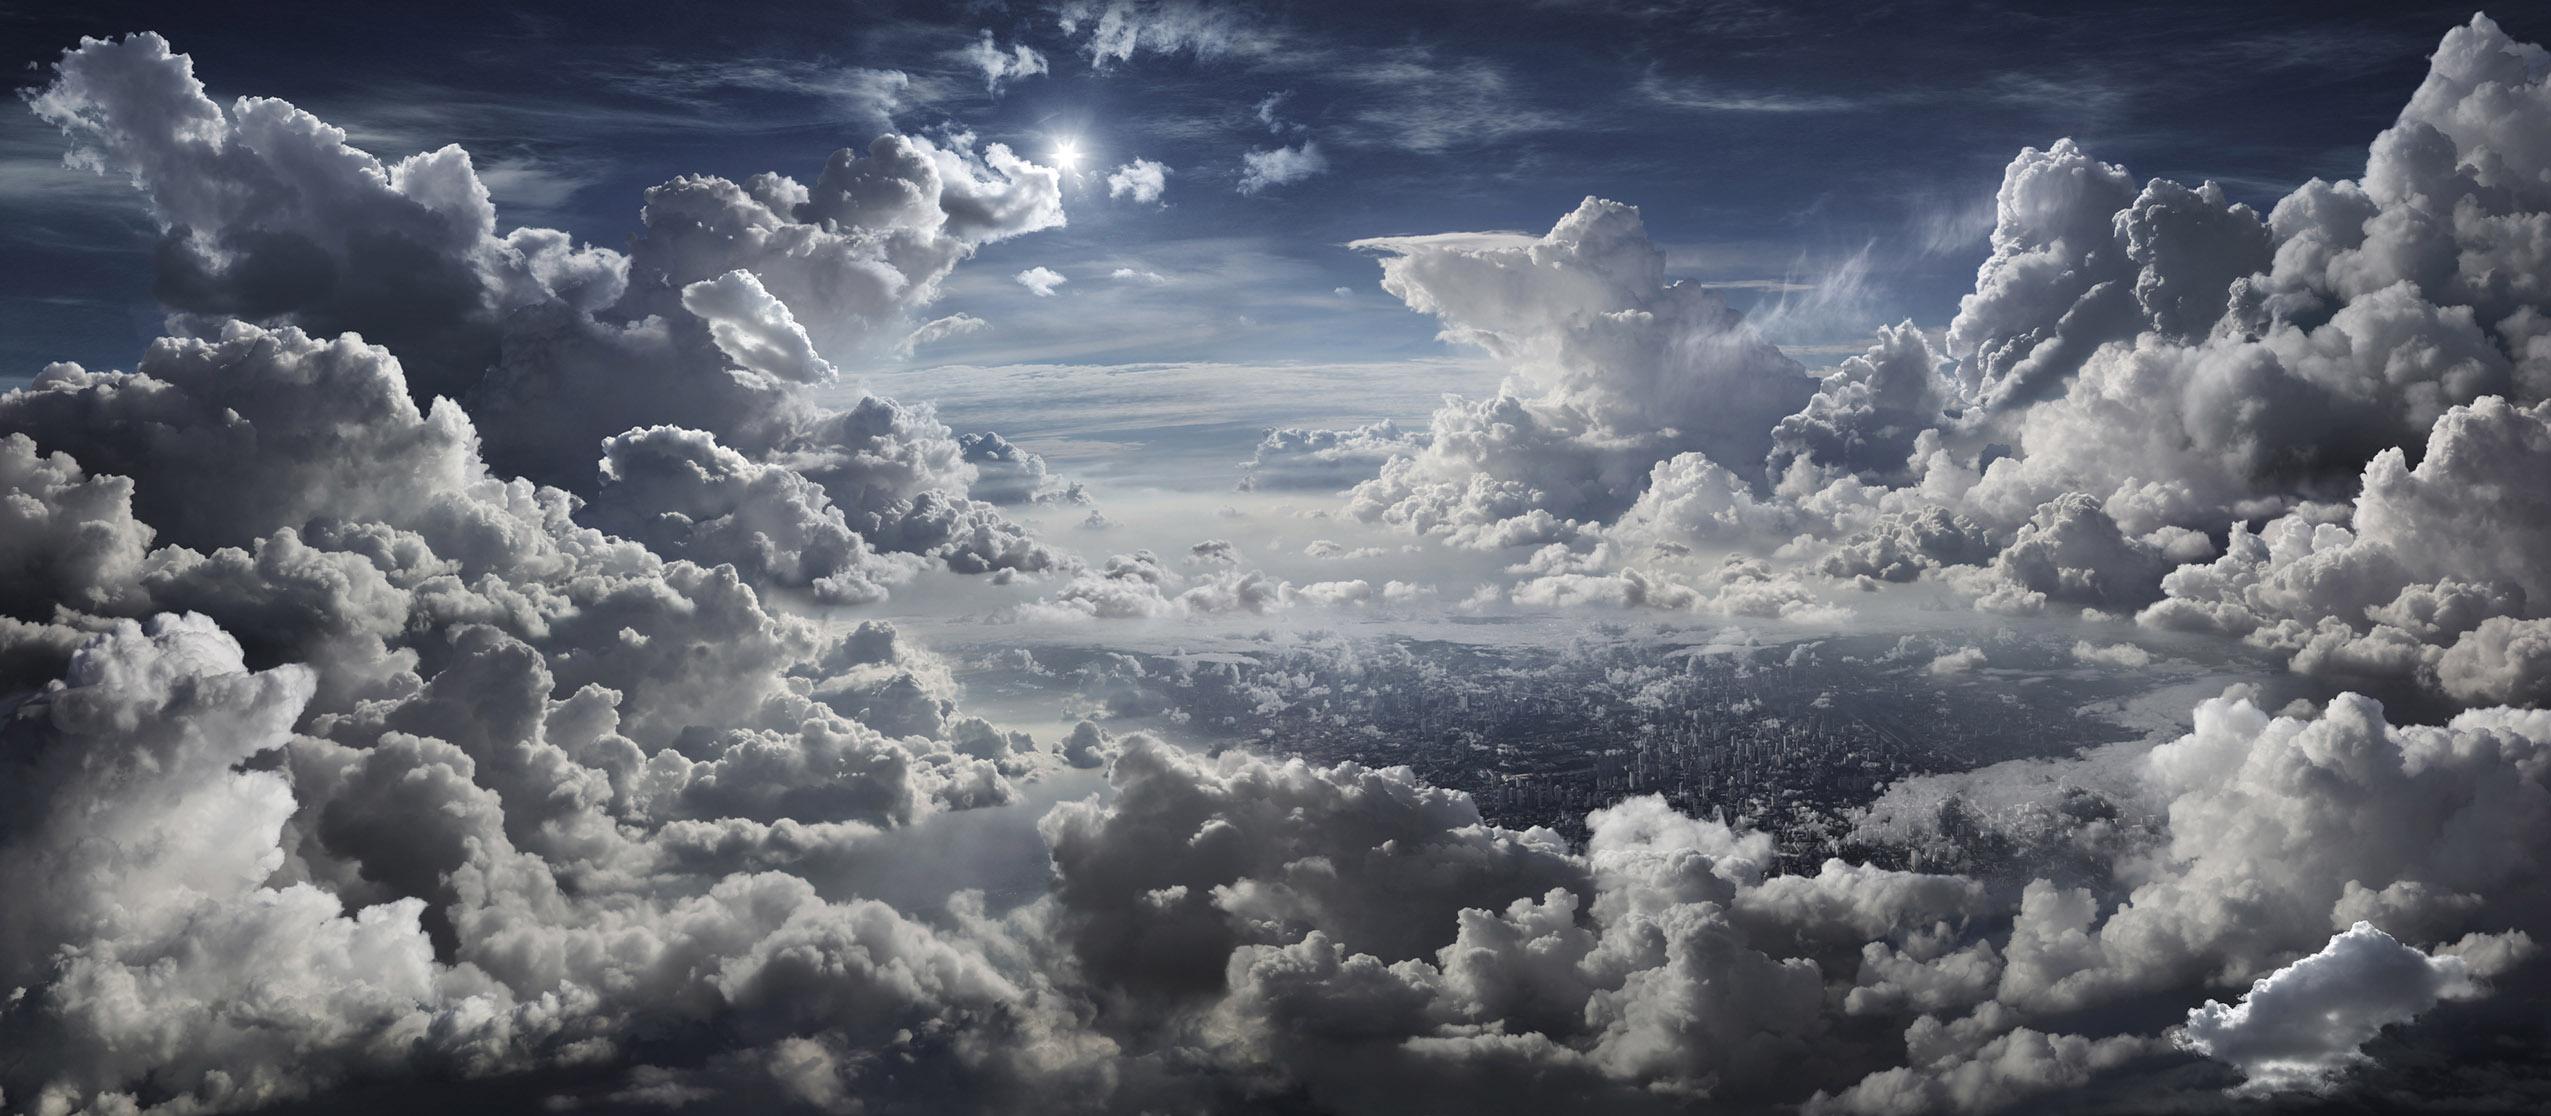 Seb Janiak, The Kingdom, City Under Clouds, 2010 (83 x 190 cm) © Seb Janiak